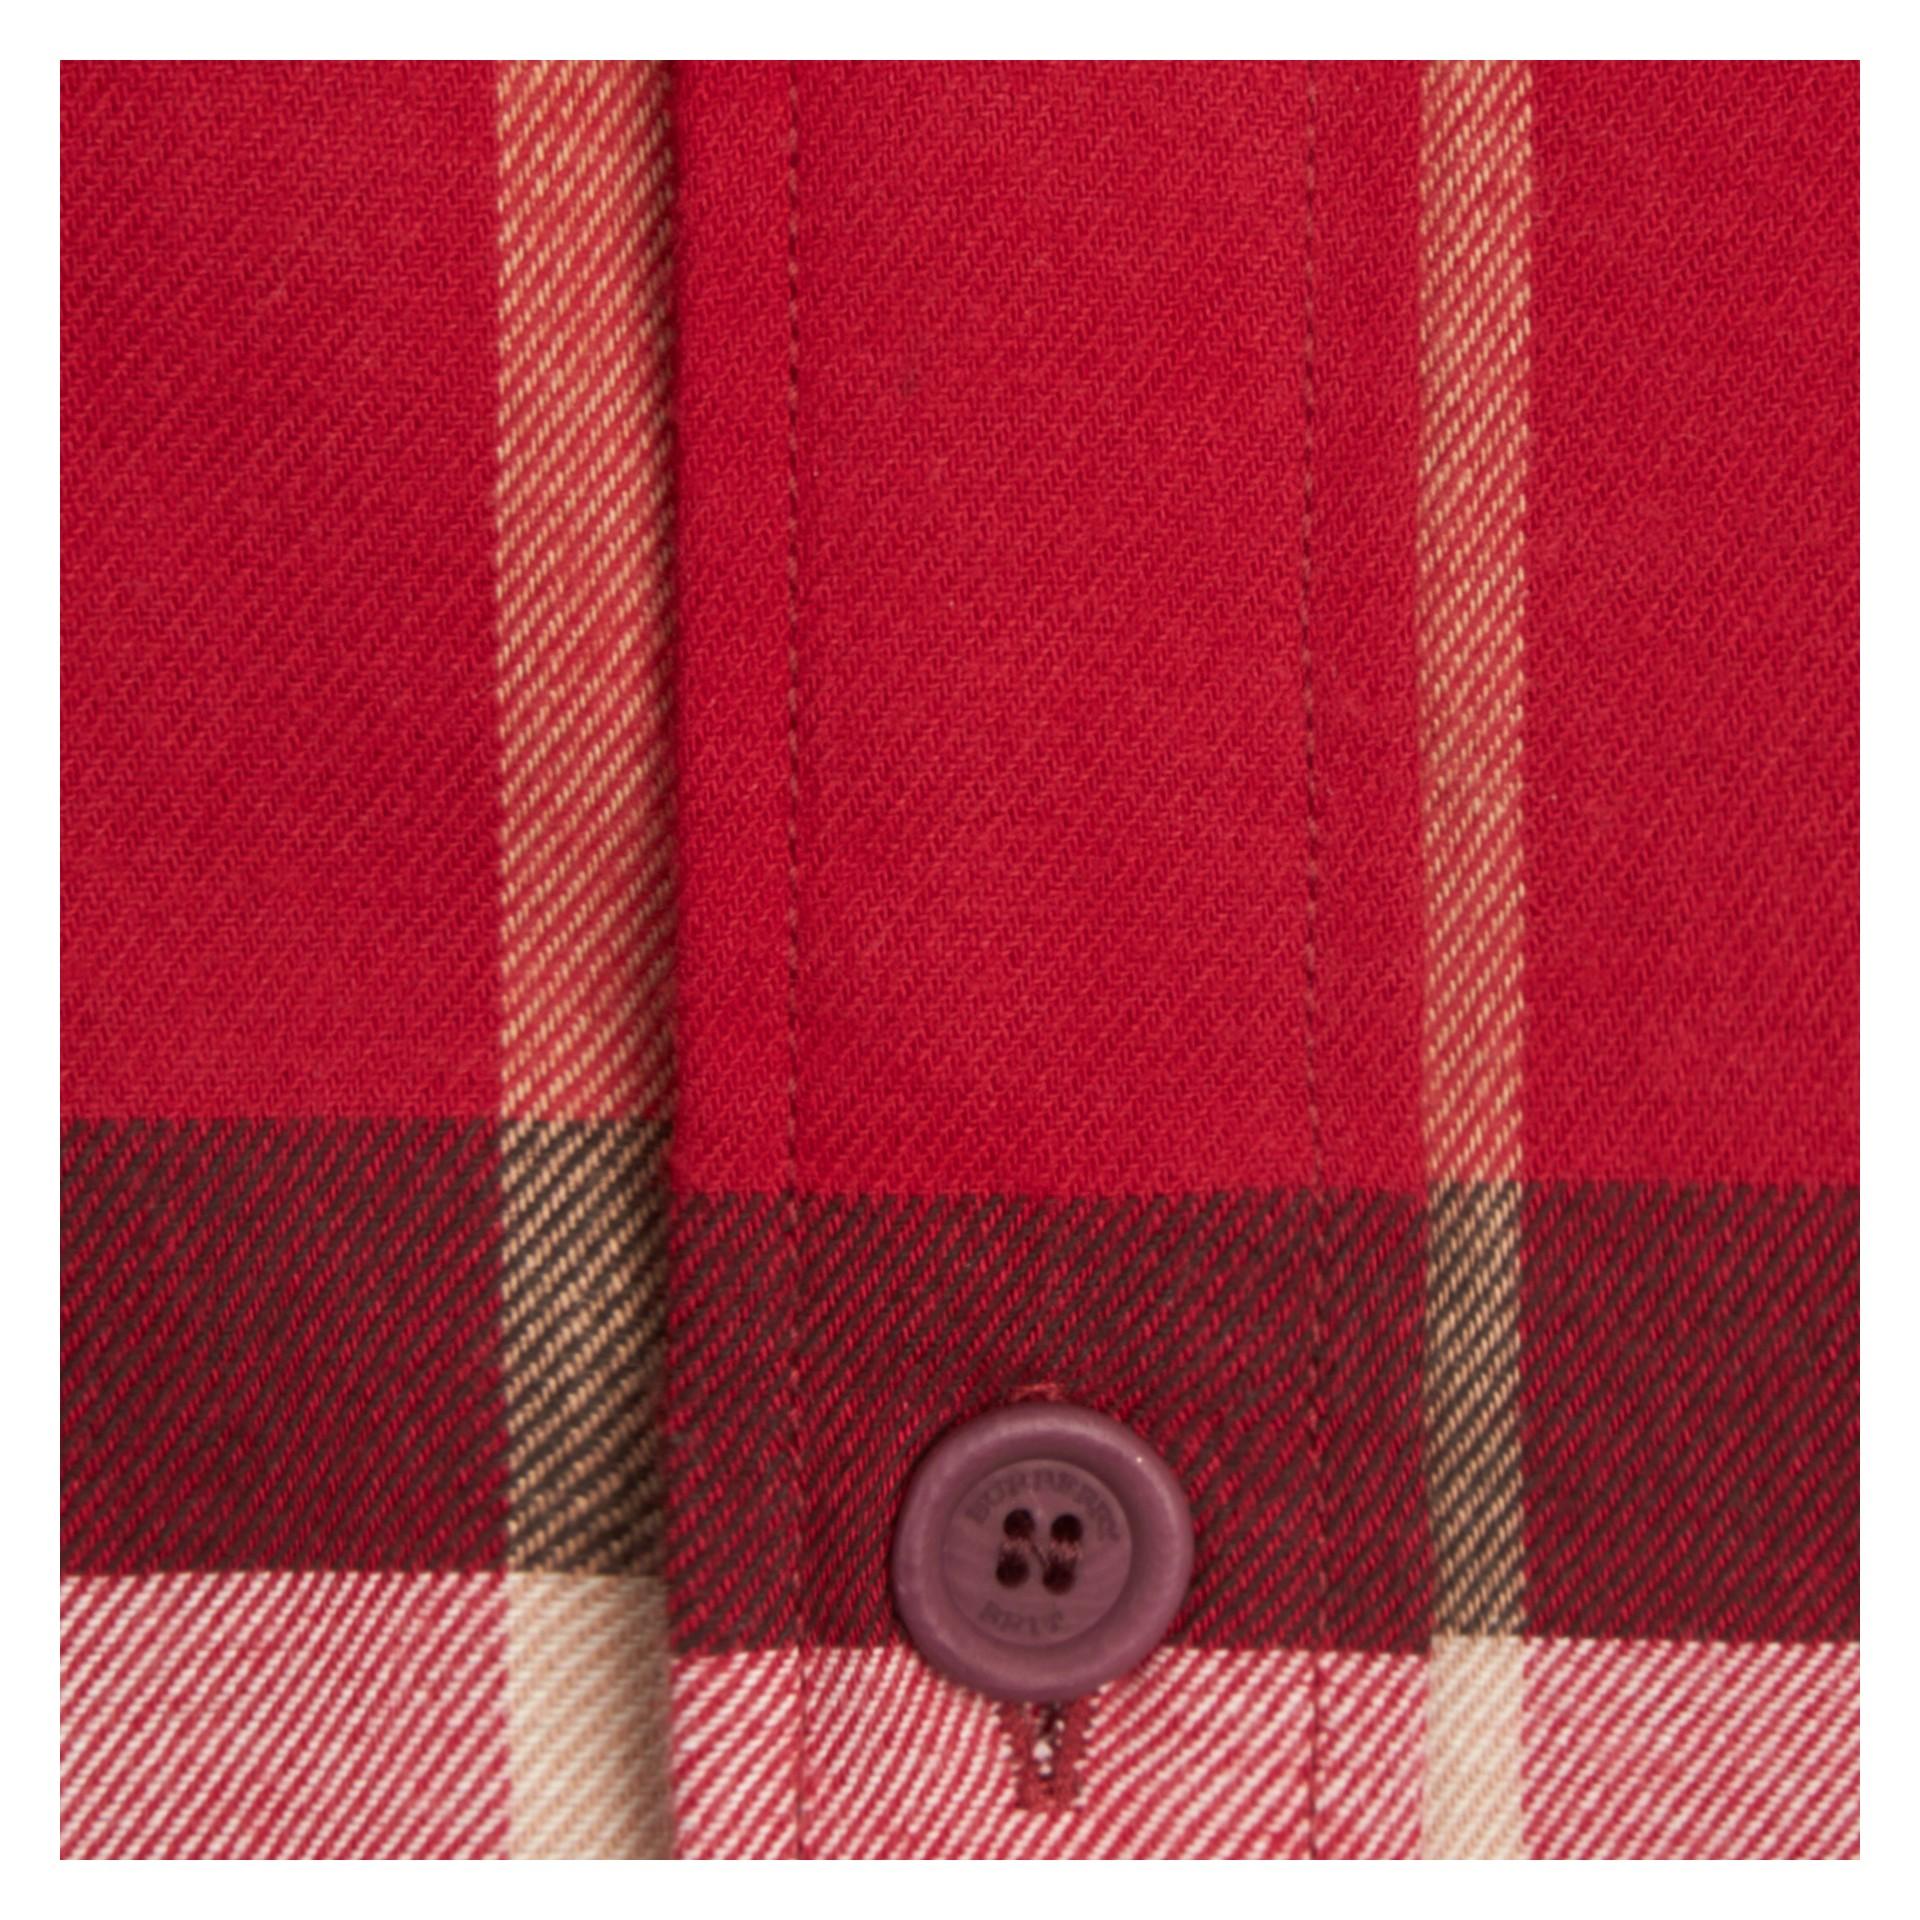 Парадный красный Фланелевая рубашка в клетку Парадный Красный - изображение 2